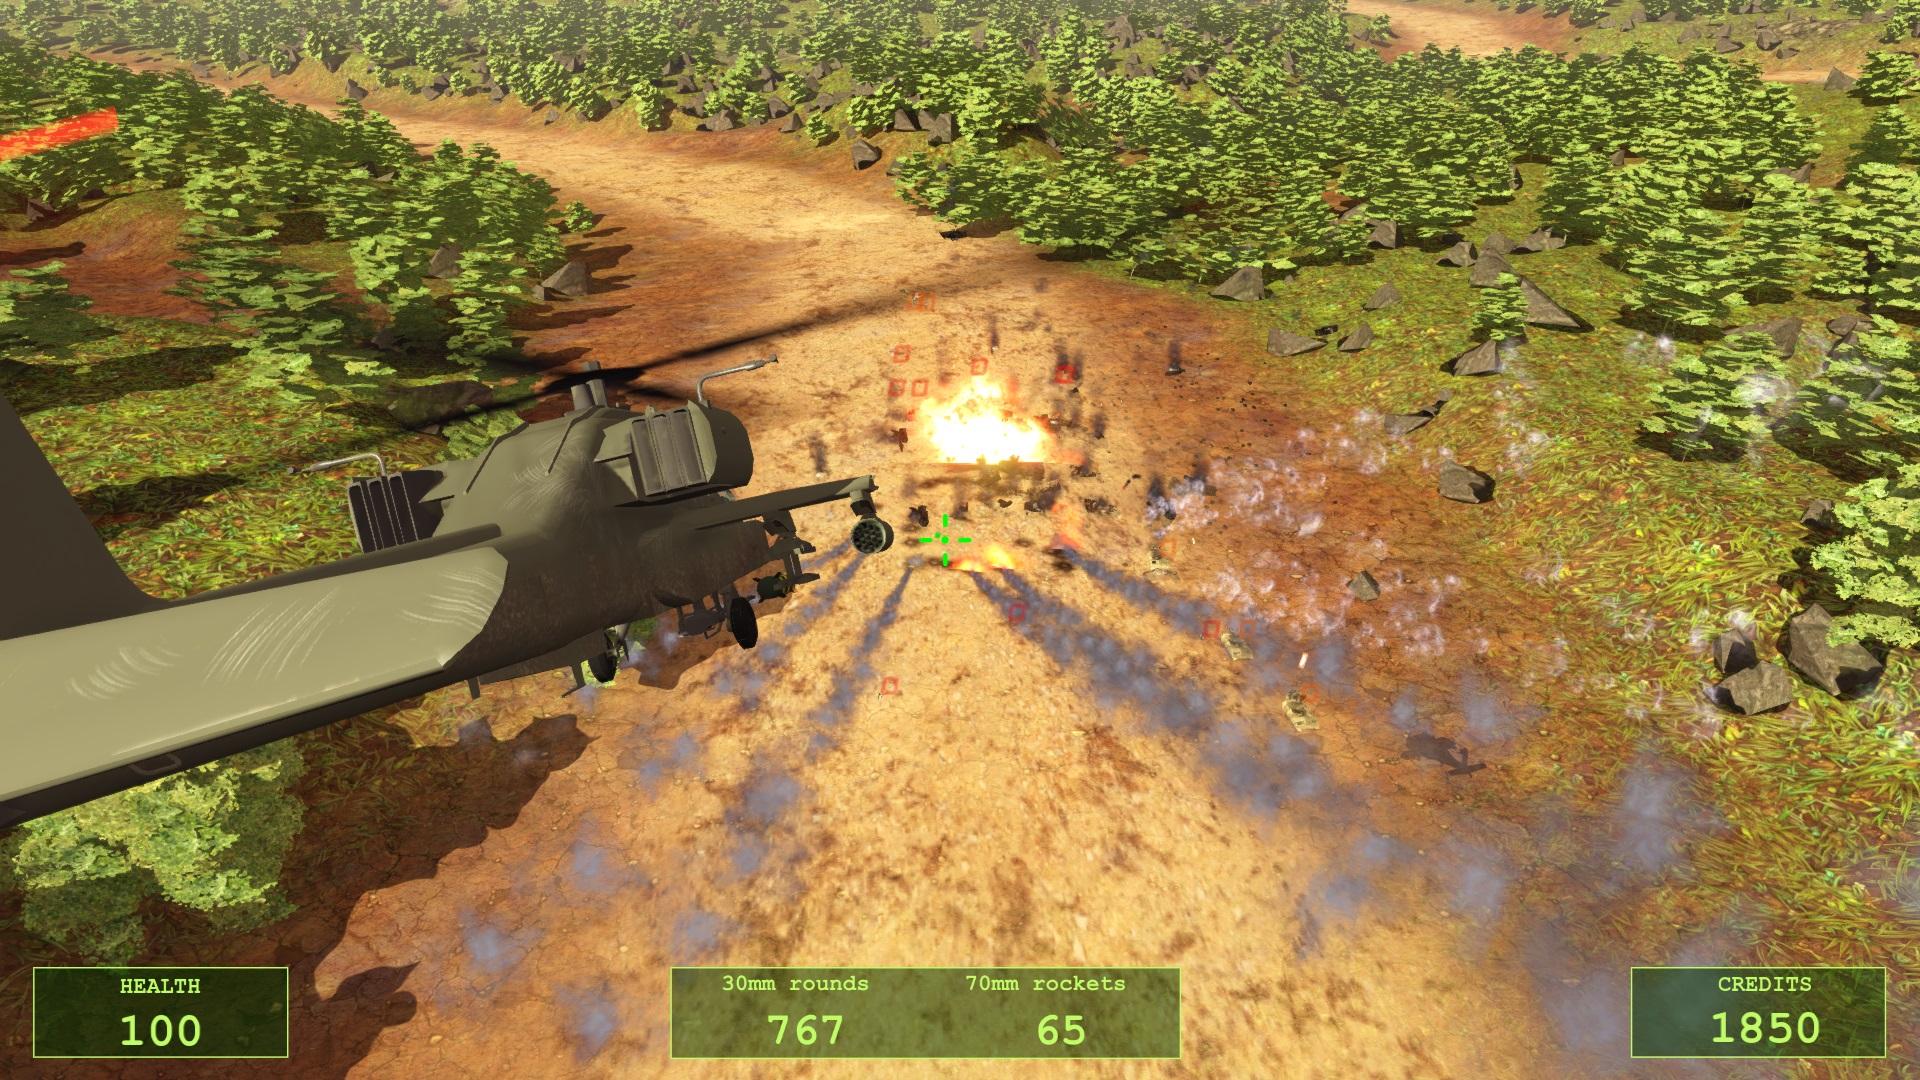 download aerial destruction frontline assault-hi2u singlelink iso rar part google drive direct link uptobox ftp link magnet torrent thepiratebay kickass alternative